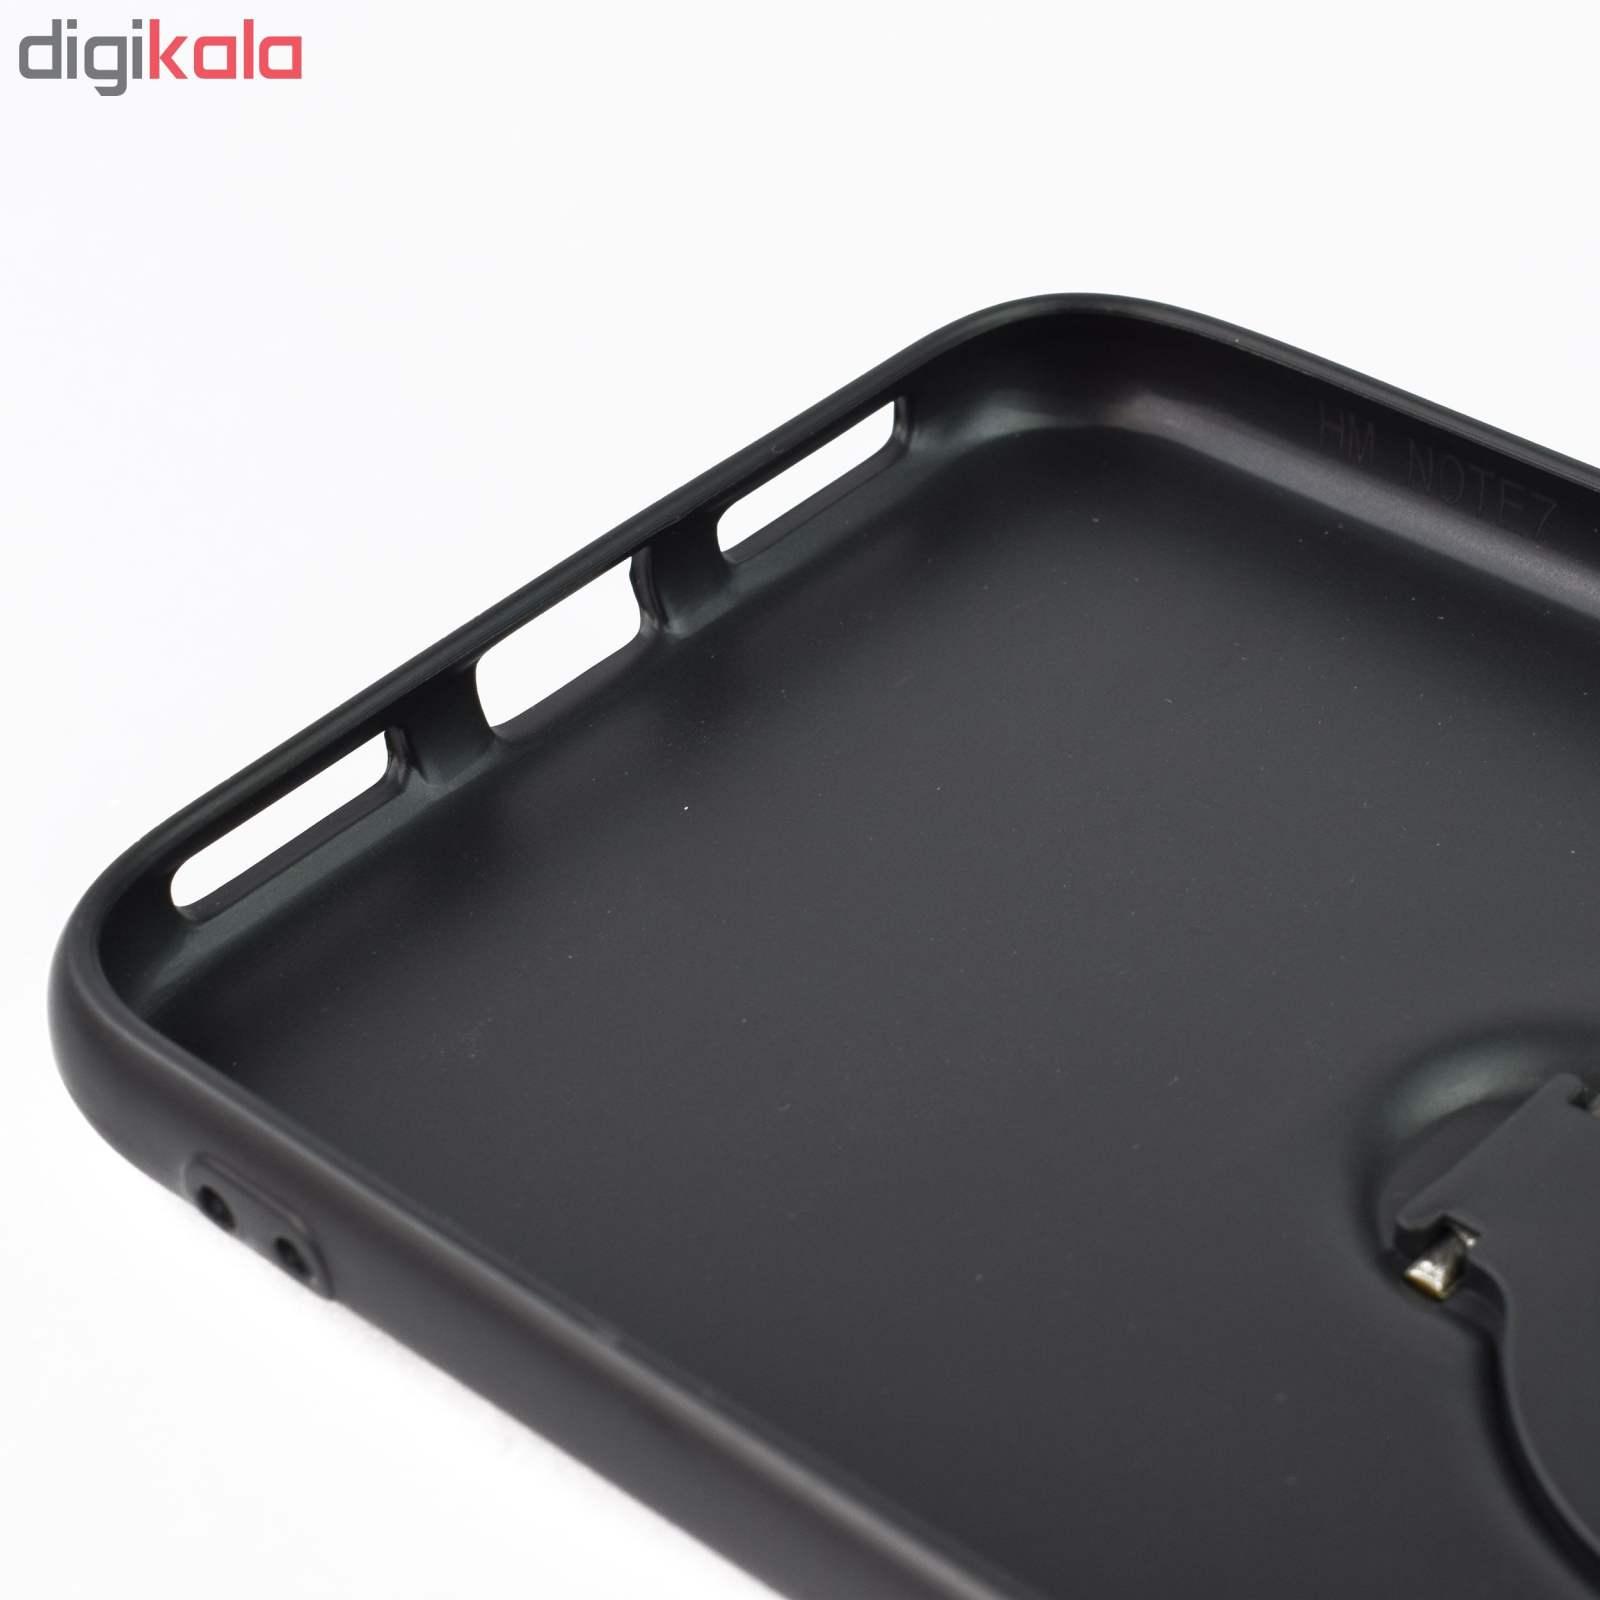 کاور آی فیس مدل IF30 مناسب برای گوشی موبایل شیائومی Redmi Note 7 / Note 7 Pro main 1 12